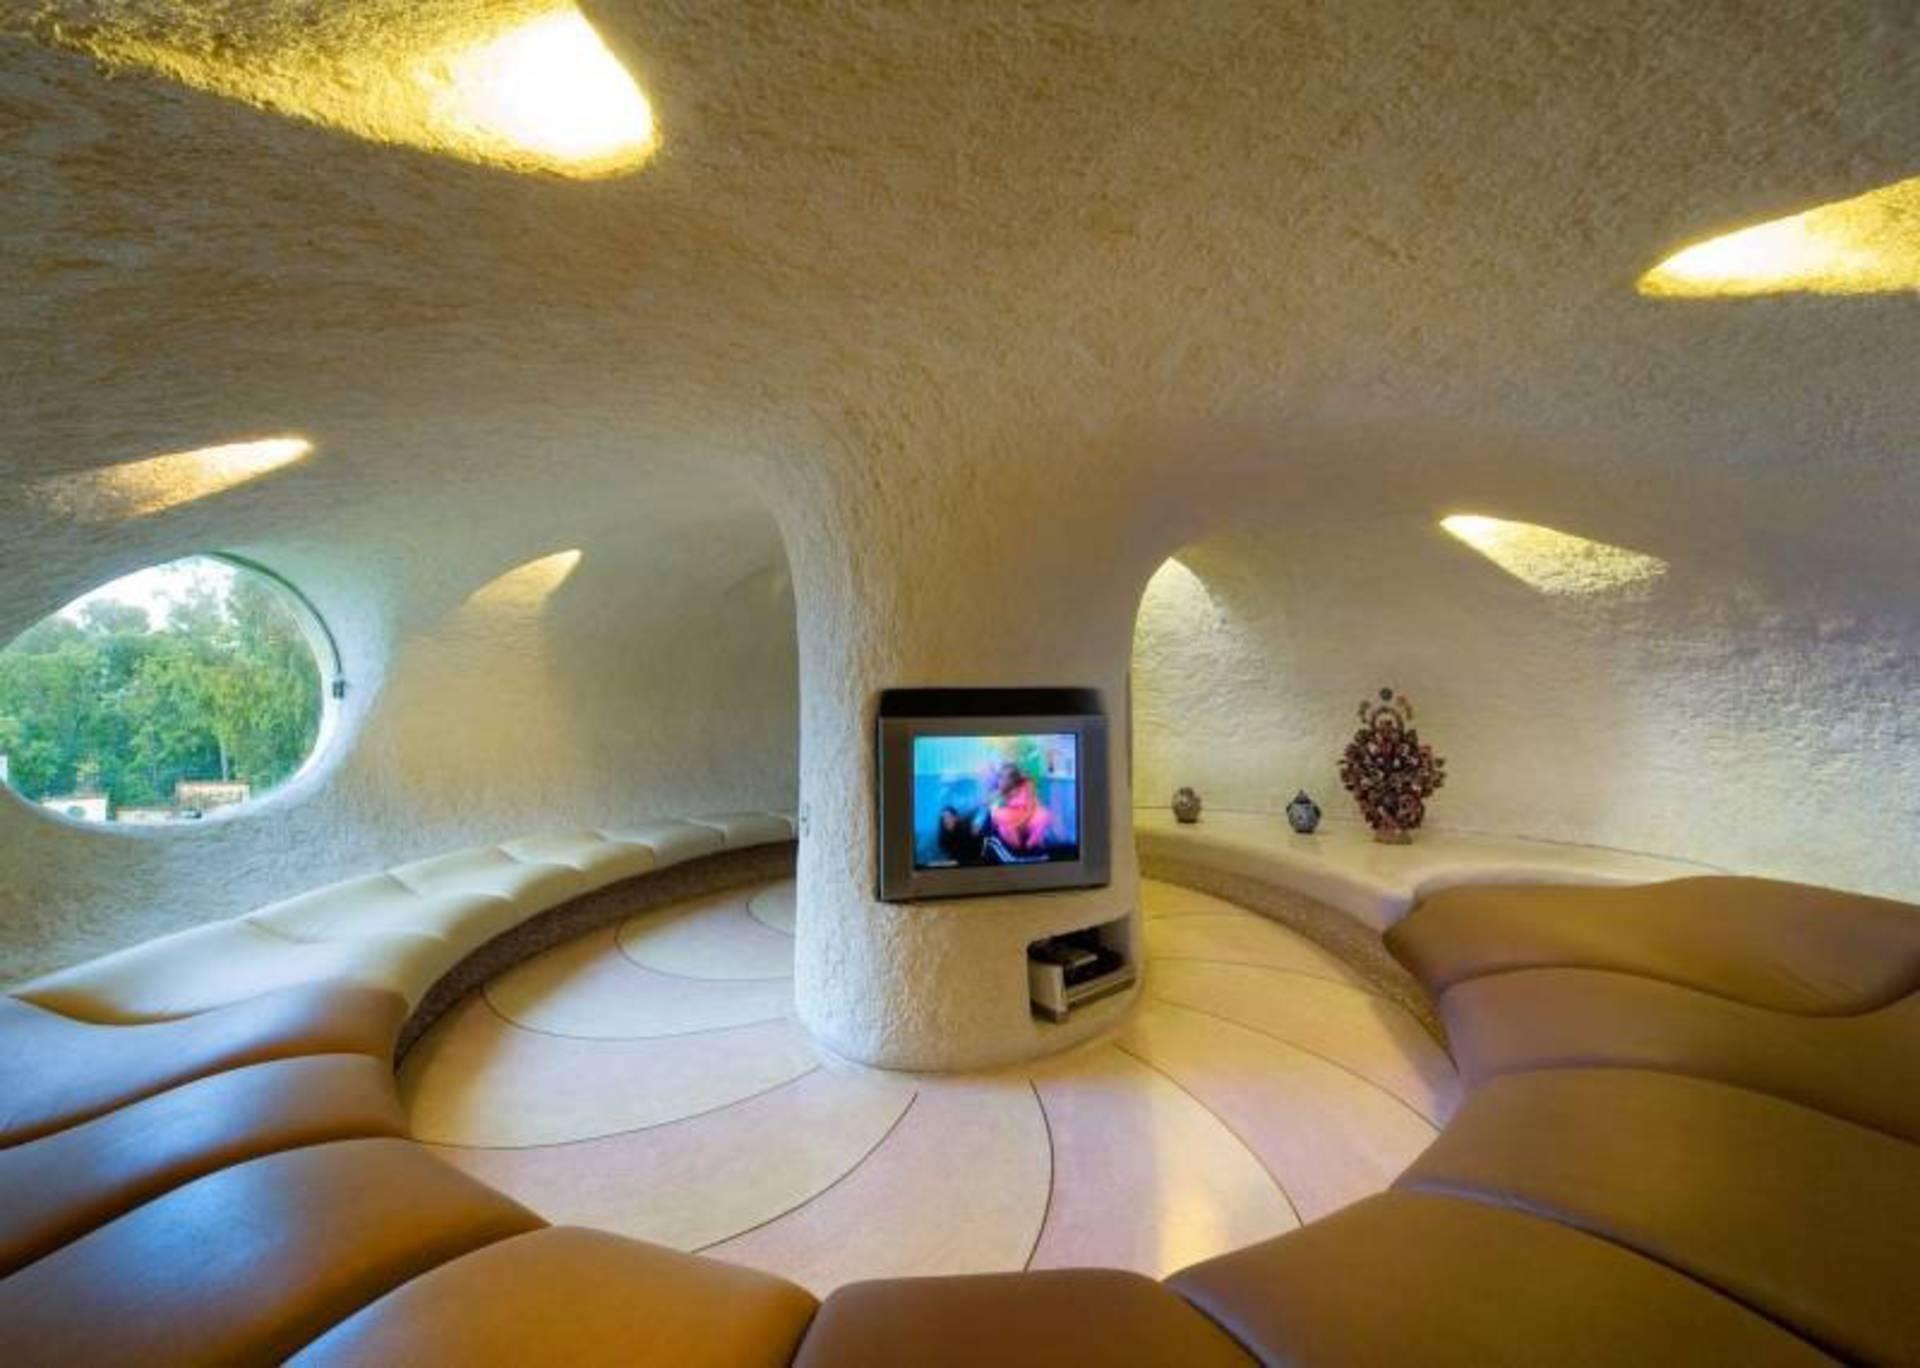 El espacio interior de la casa Nautilus es amplio y bien iluminado.